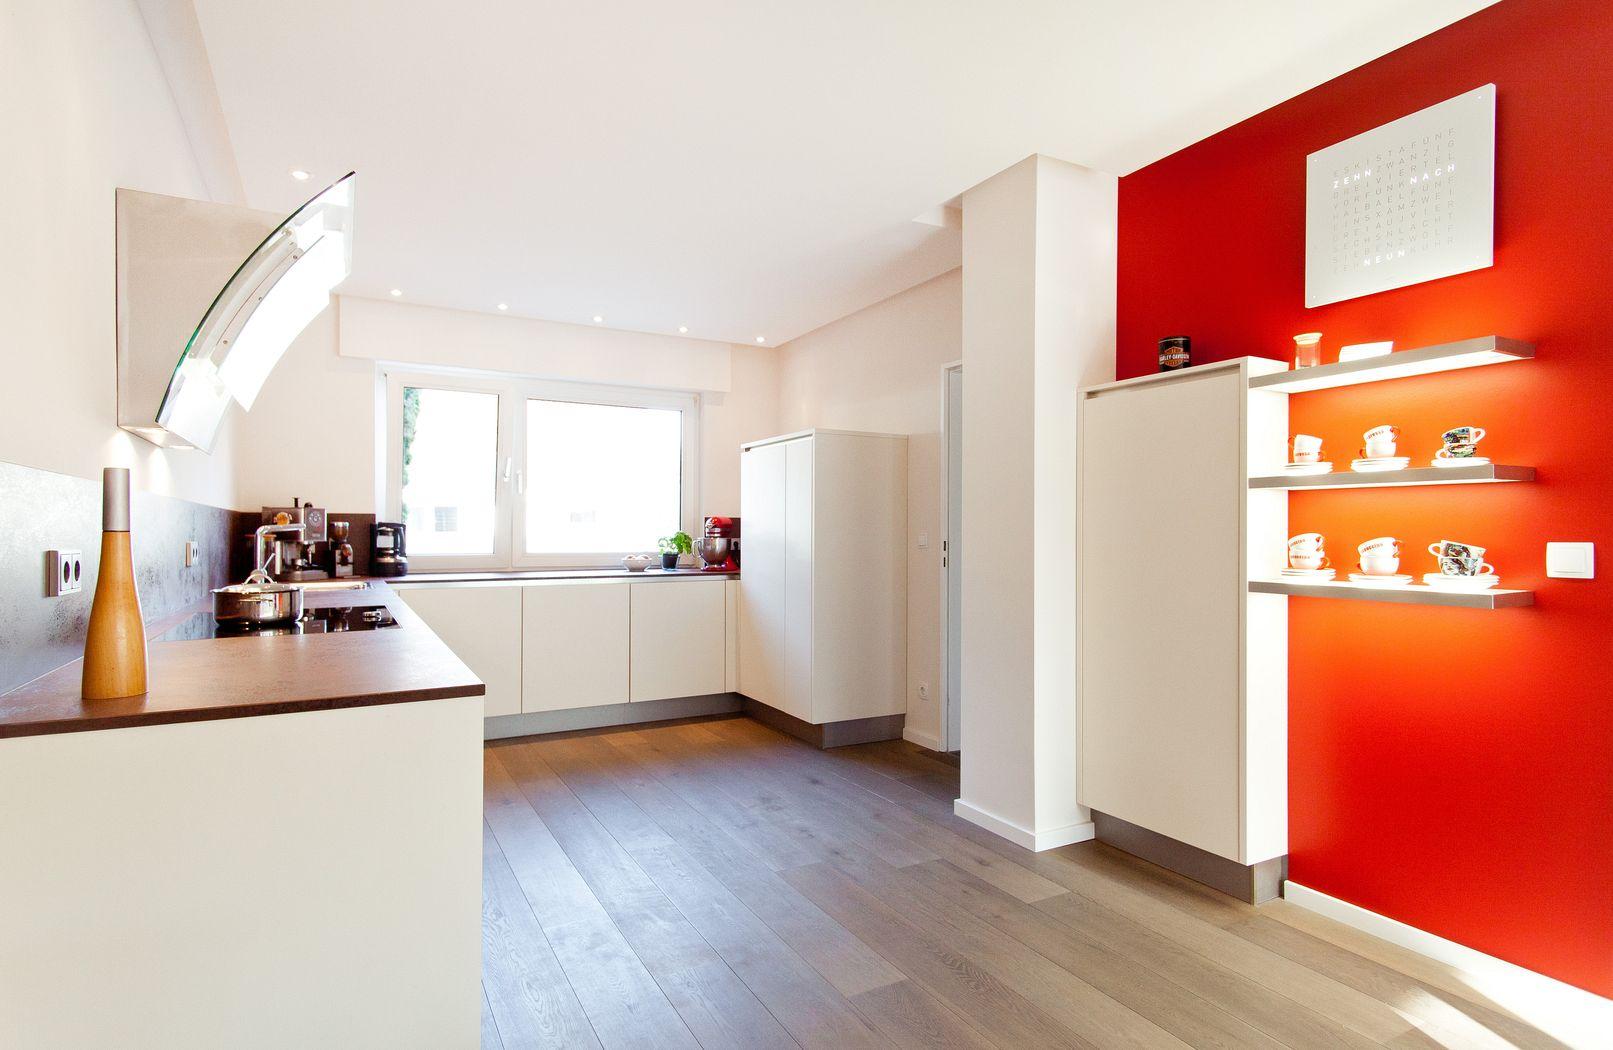 Küchen modern u-form  U-Form moderne grifflose Küche mit Keramik Arbeitsplatte ...